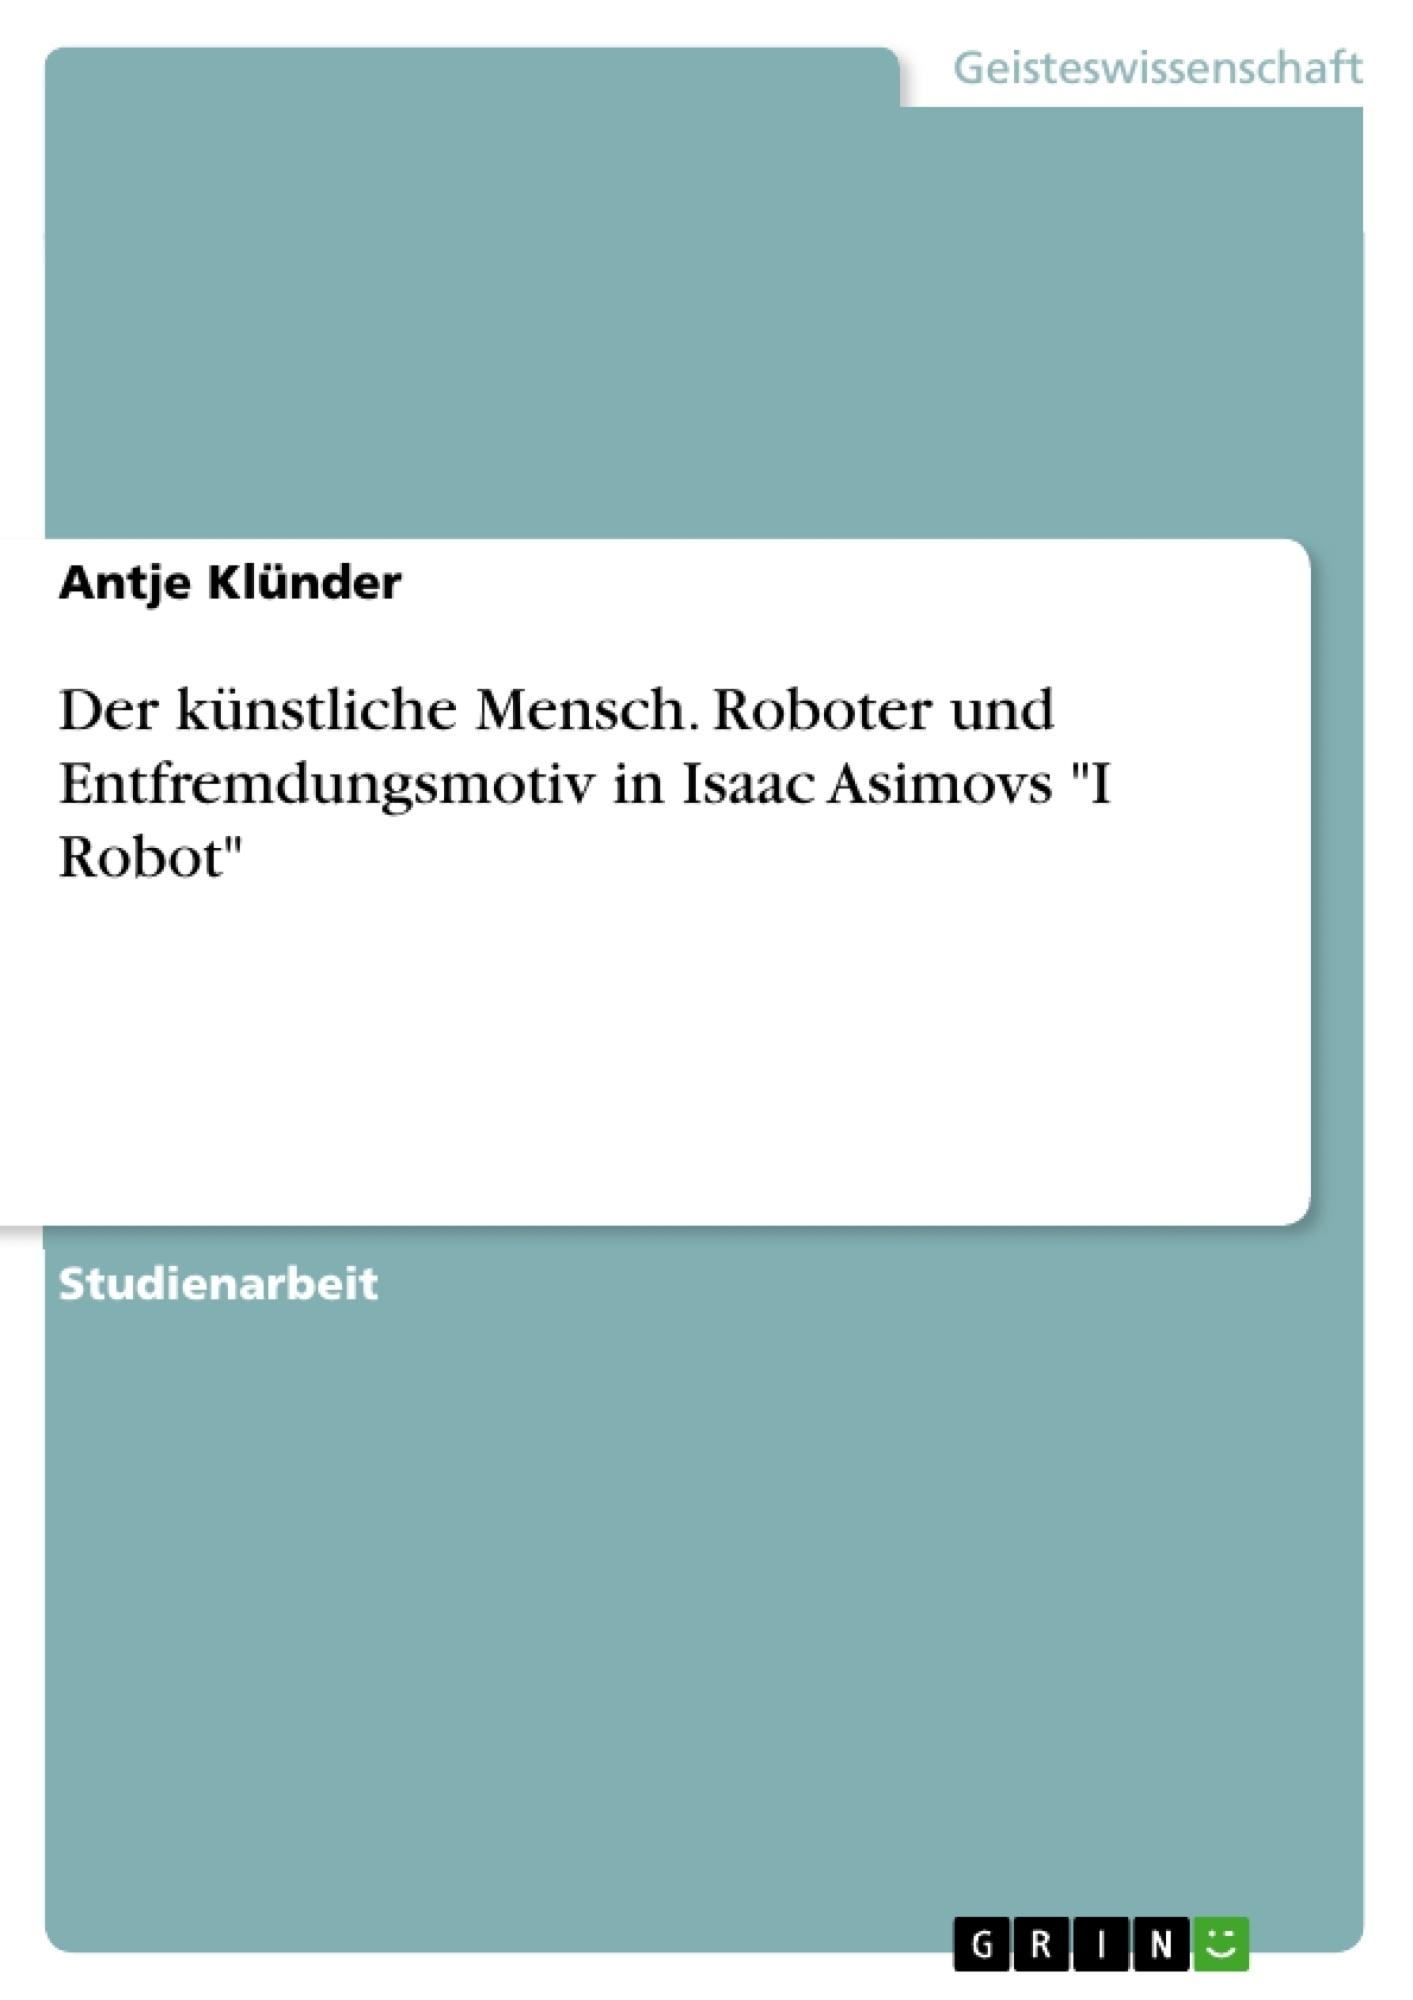 """Titel: Der künstliche Mensch. Roboter und Entfremdungsmotiv in Isaac Asimovs """"I Robot"""""""